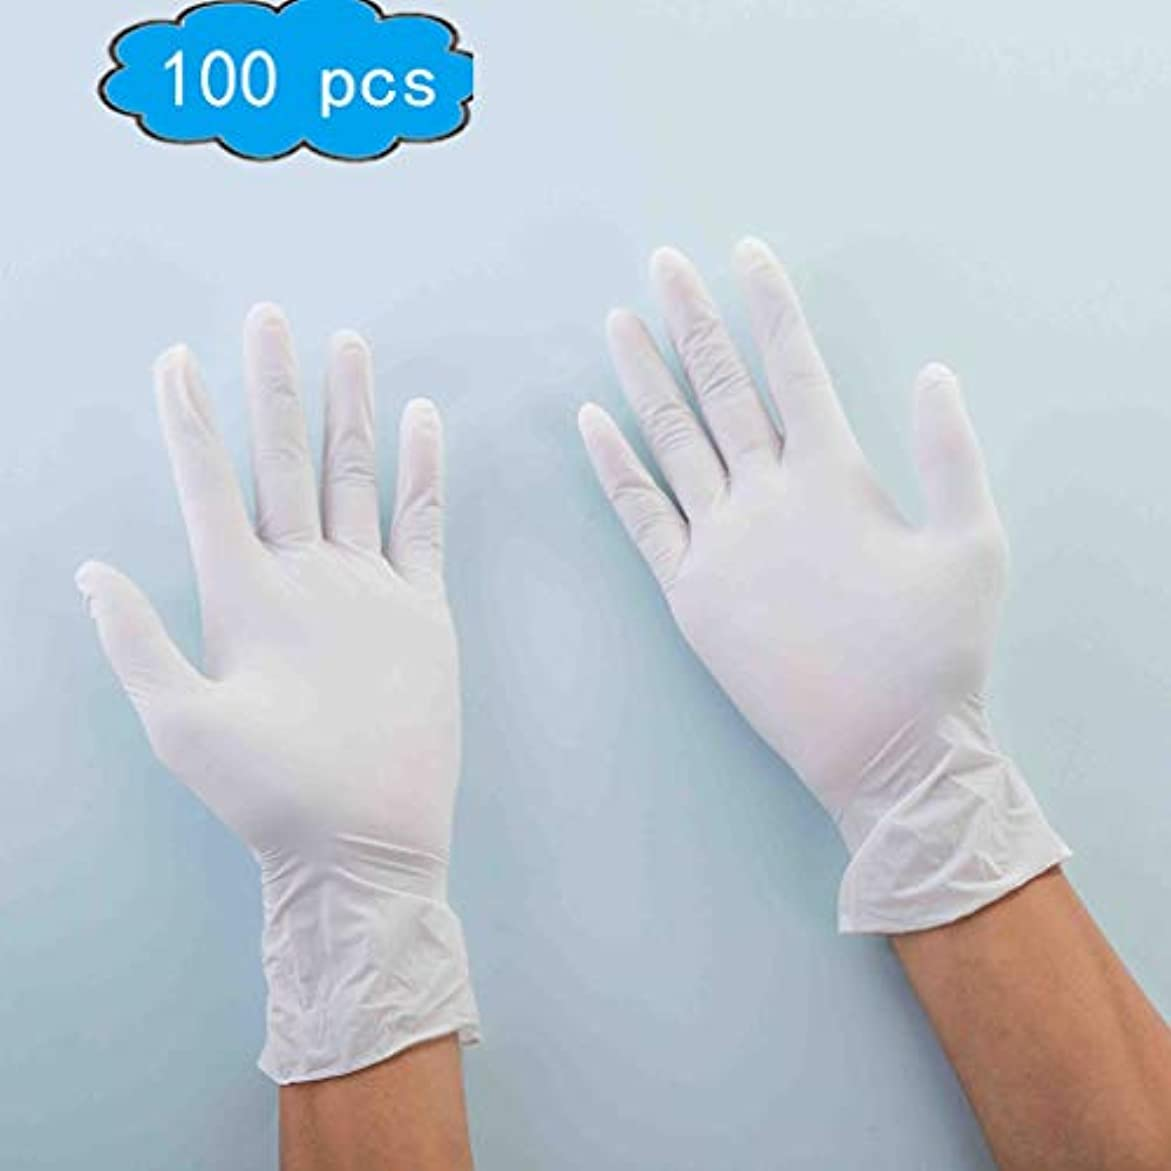 枯渇する苦しみ願う使い捨て手袋 - 白、厚めのバージョン、ニトリル手袋、パウダーフリー、試験、無菌、中、100箱、手と腕の保護 (Color : White, Size : L)